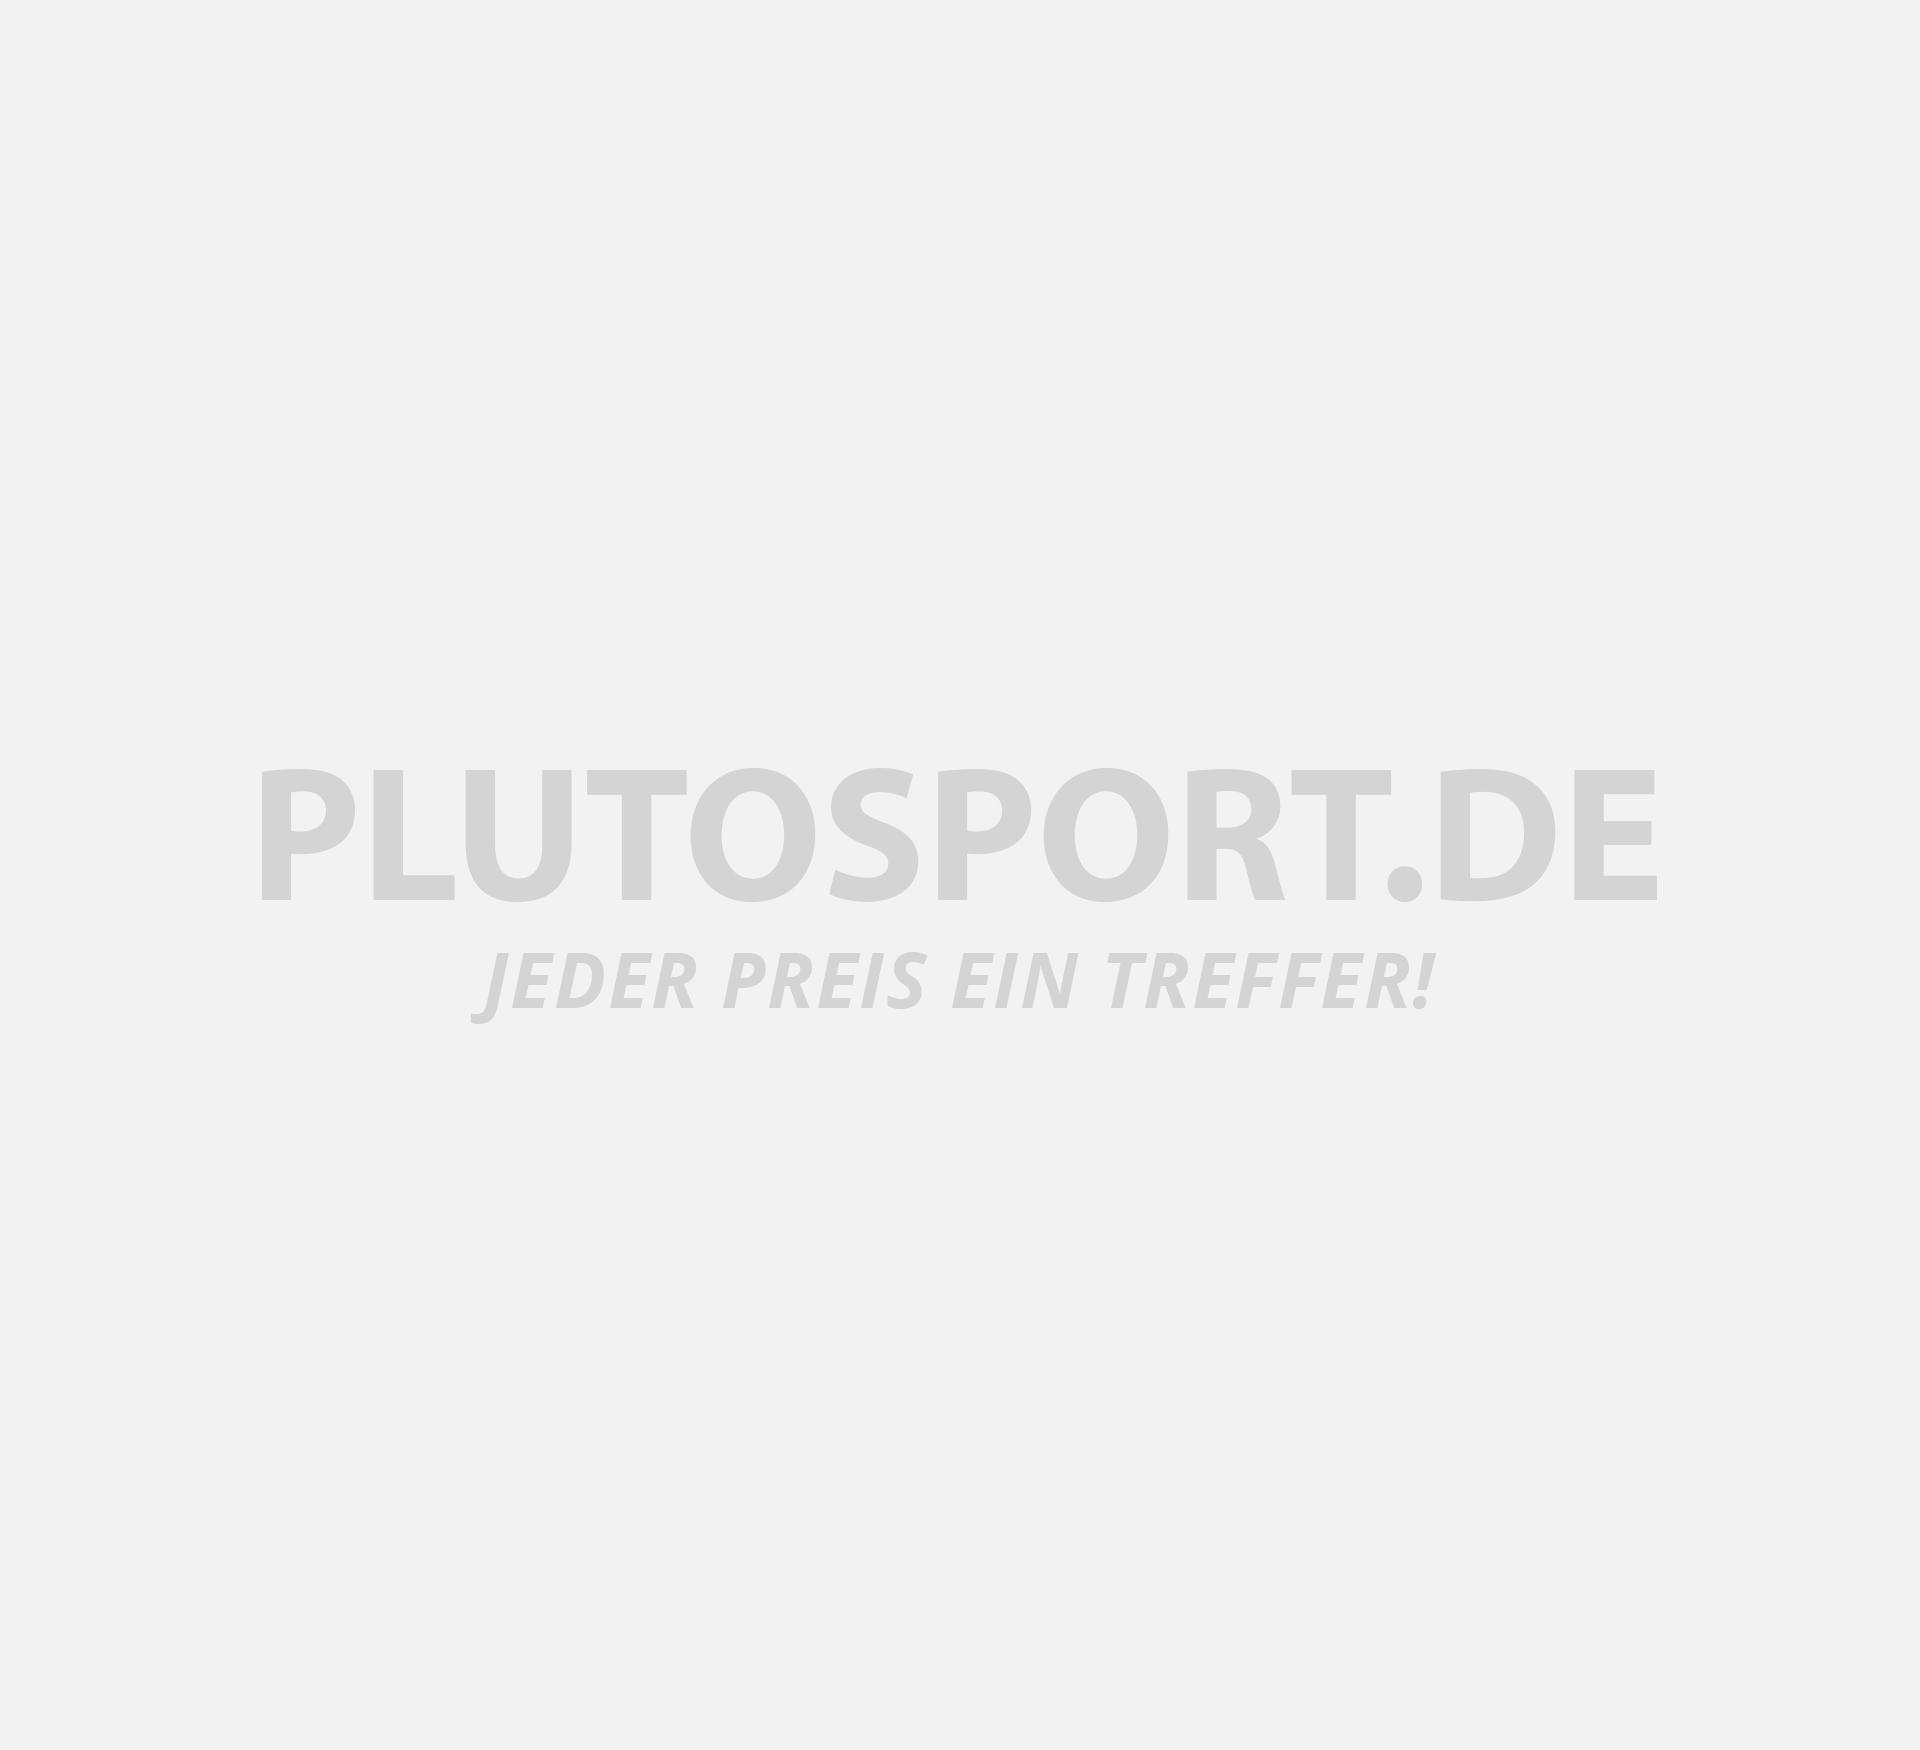 adidas Barricade 2018 Boost Allcourtschuh Herren Weiß, Silber